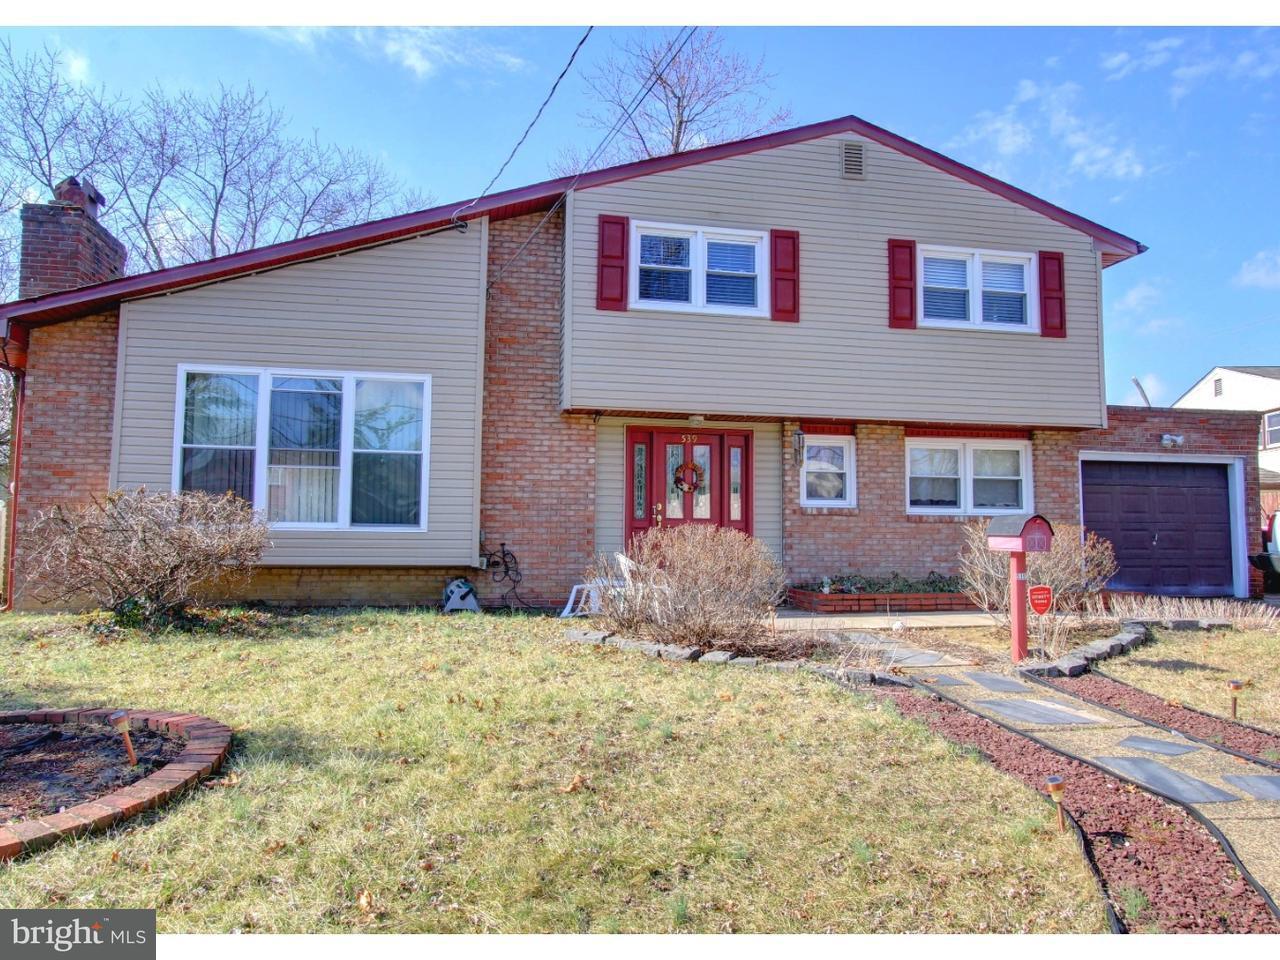 独户住宅 为 销售 在 539 FRESNO Drive Magnolia, 新泽西州 08049 美国